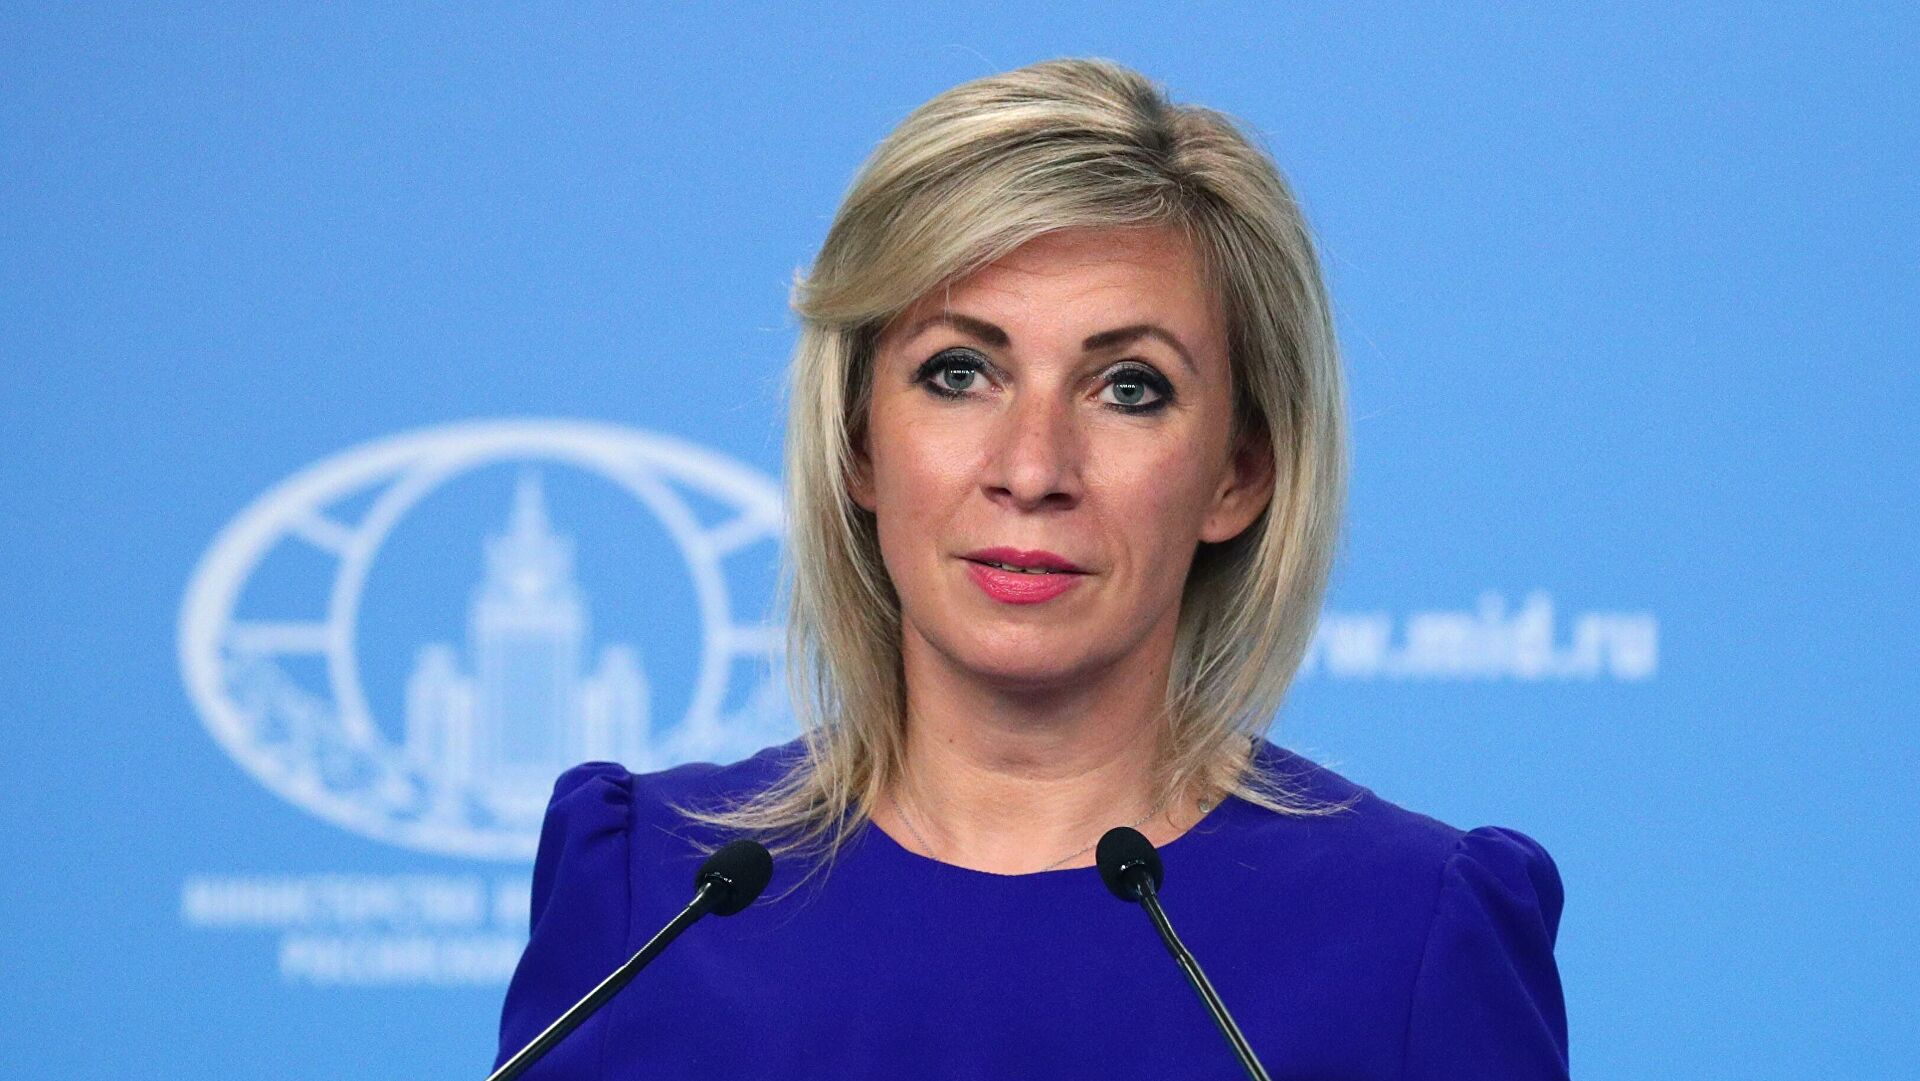 Захарова: НАТО мора да одлучи да ли жели да проблеме решава заједно са Москвом или да је обуздава